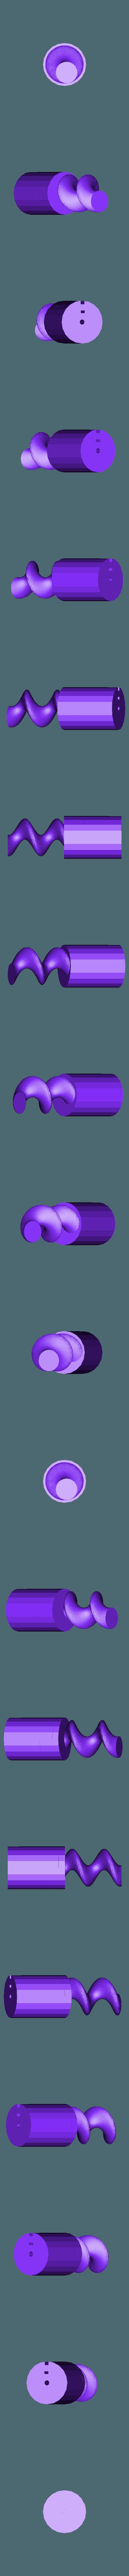 screw_new.stl Télécharger fichier STL gratuit Alimentateur automatique pour chiens en tube PVC • Design imprimable en 3D, speedkornet